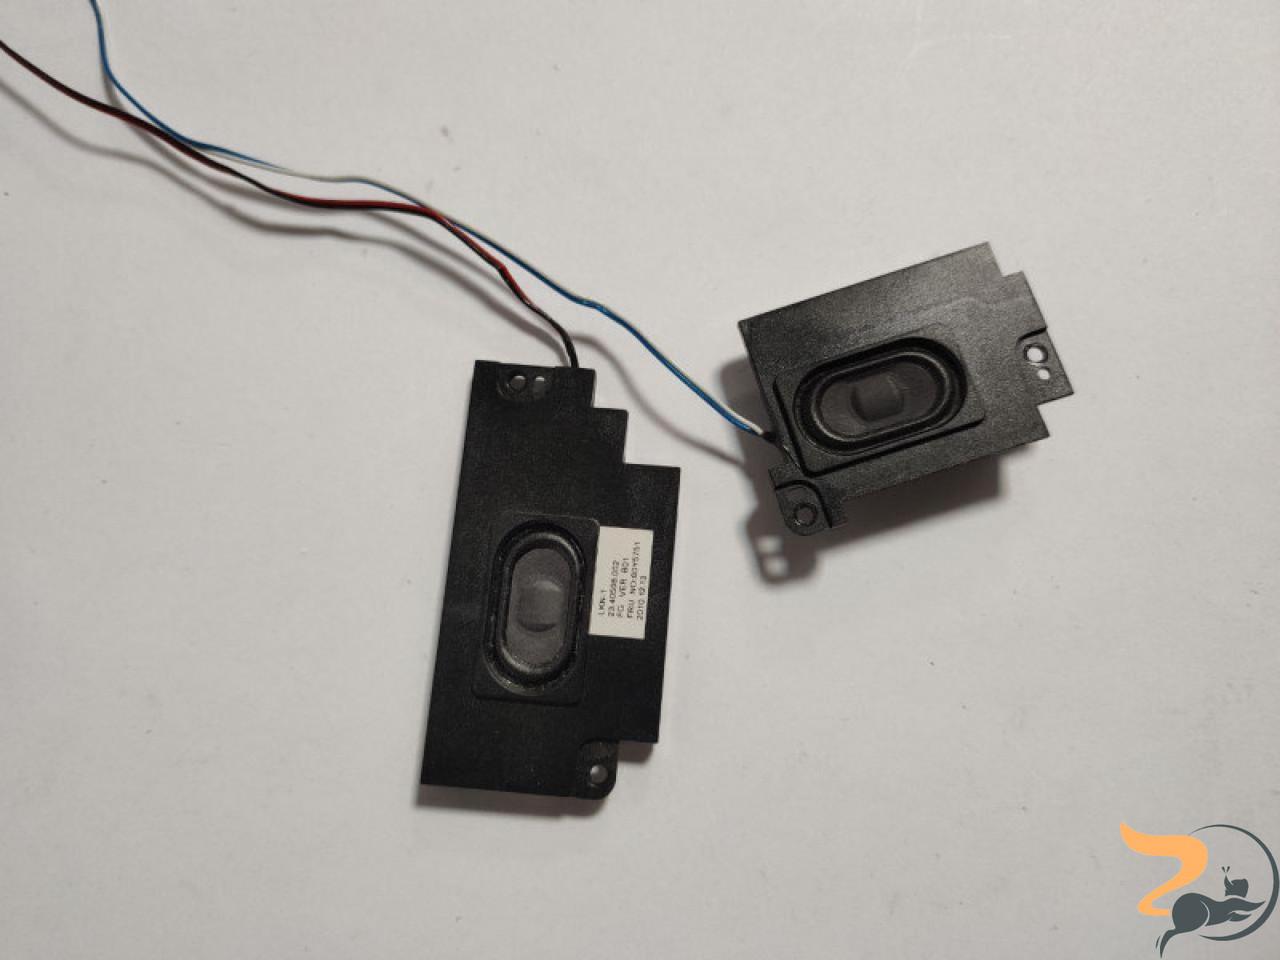 Динаміки для ноутбука Lenovo ThinkPad T510, T520, 23.40599.001, 23.40598.002, б/в. В хорошому стані без пошкоджень.